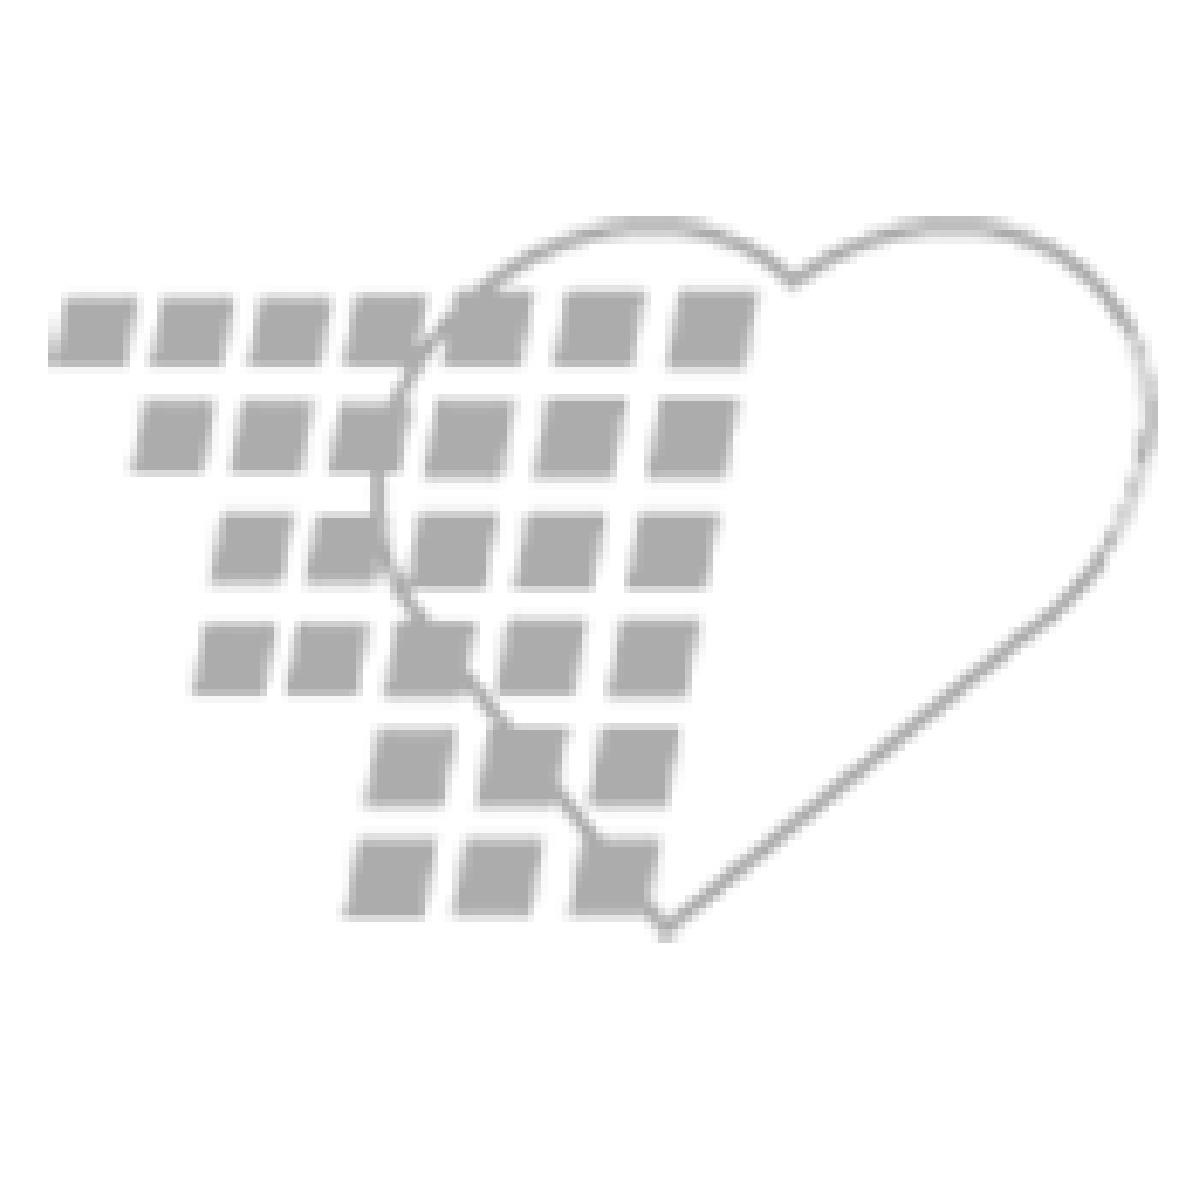 06-82-4261 Bulb Syringe Catheter Tip 60mL Sterile